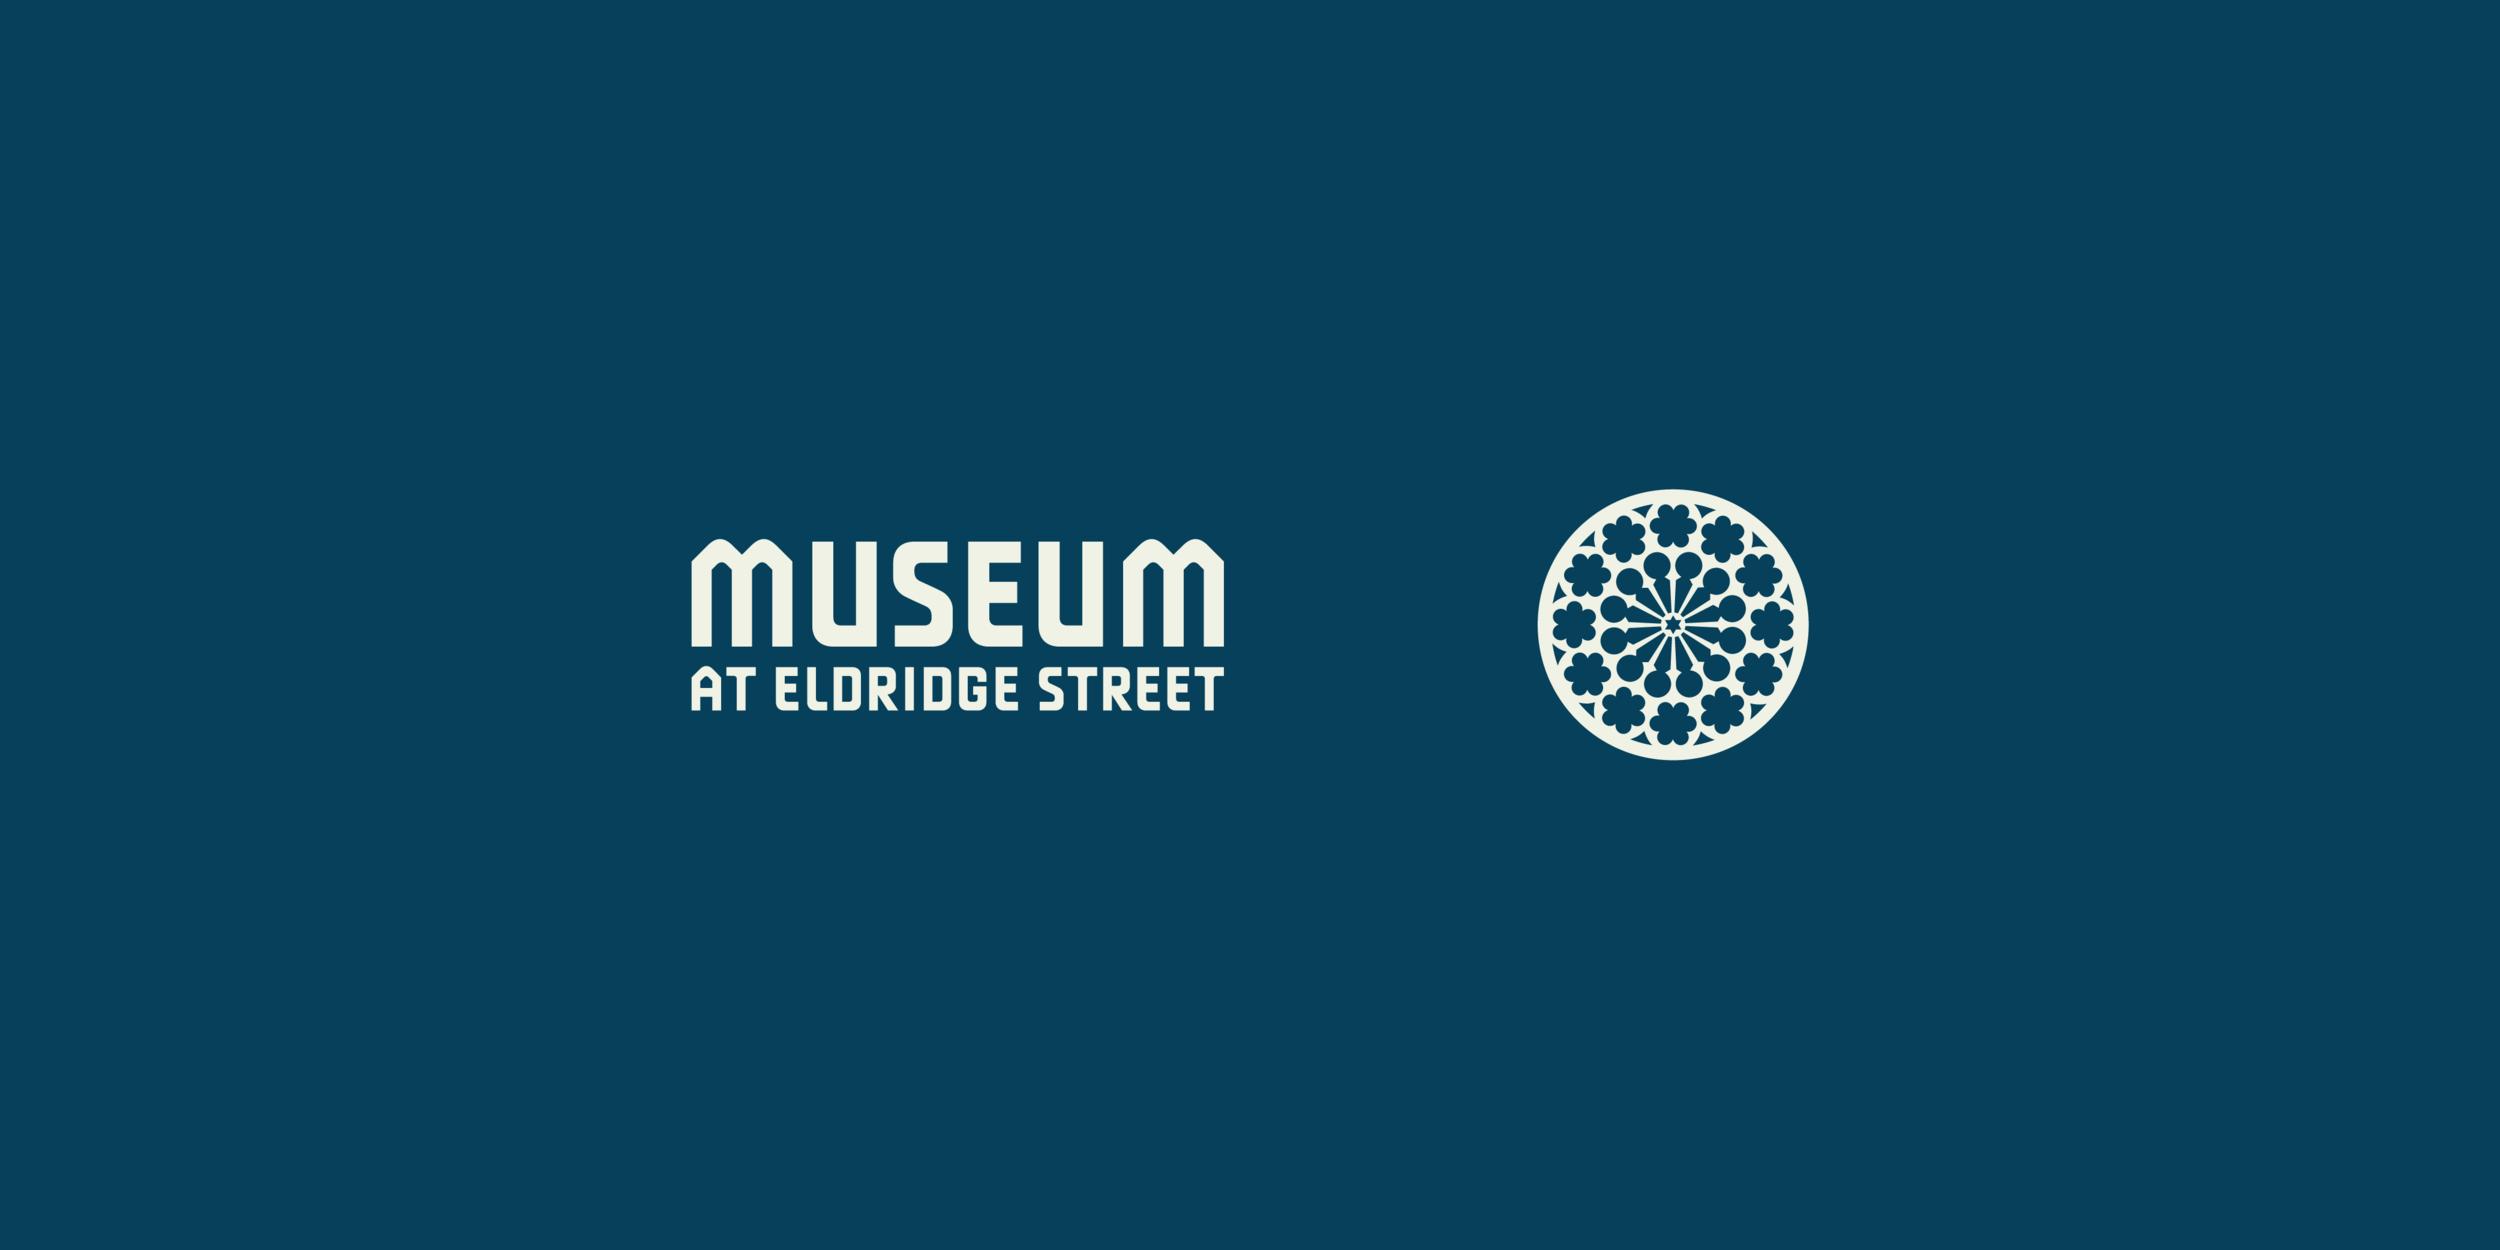 TM_1484_P4_MuseumatEldridge_logo_alts.png